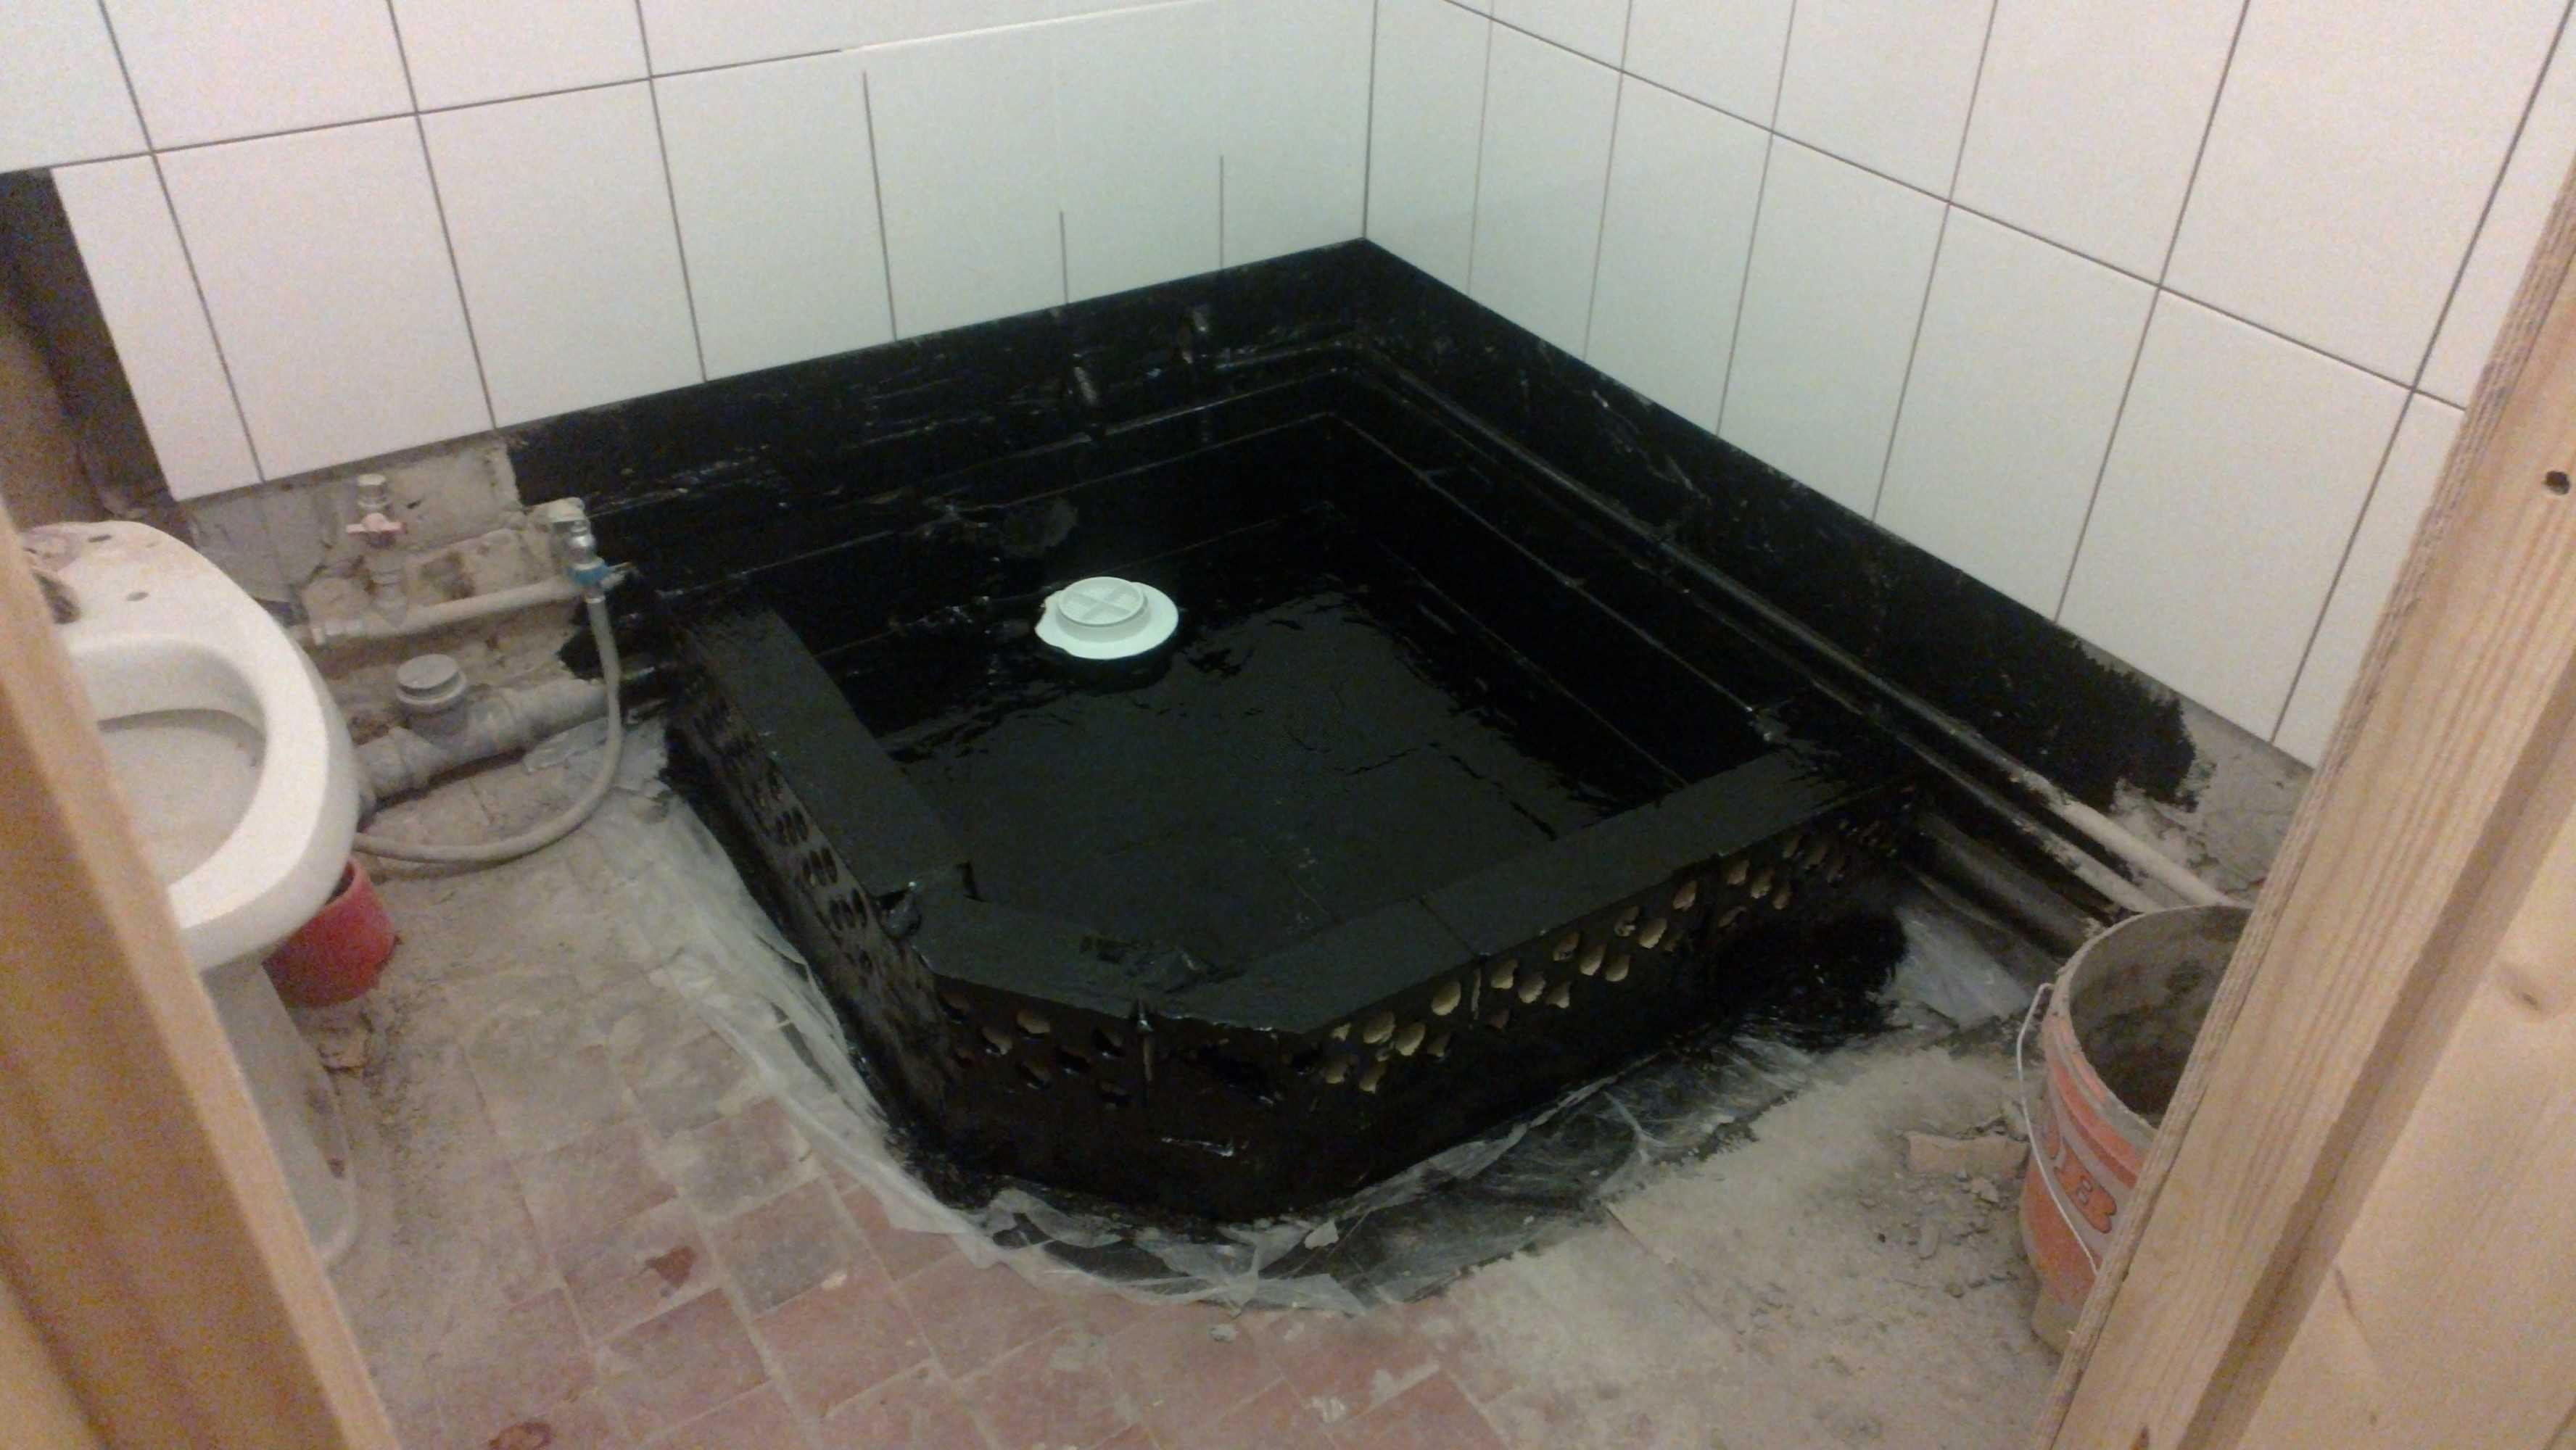 вариант гидроизоляции трапа в полу ванной комнаты оклеечным способом без поддона